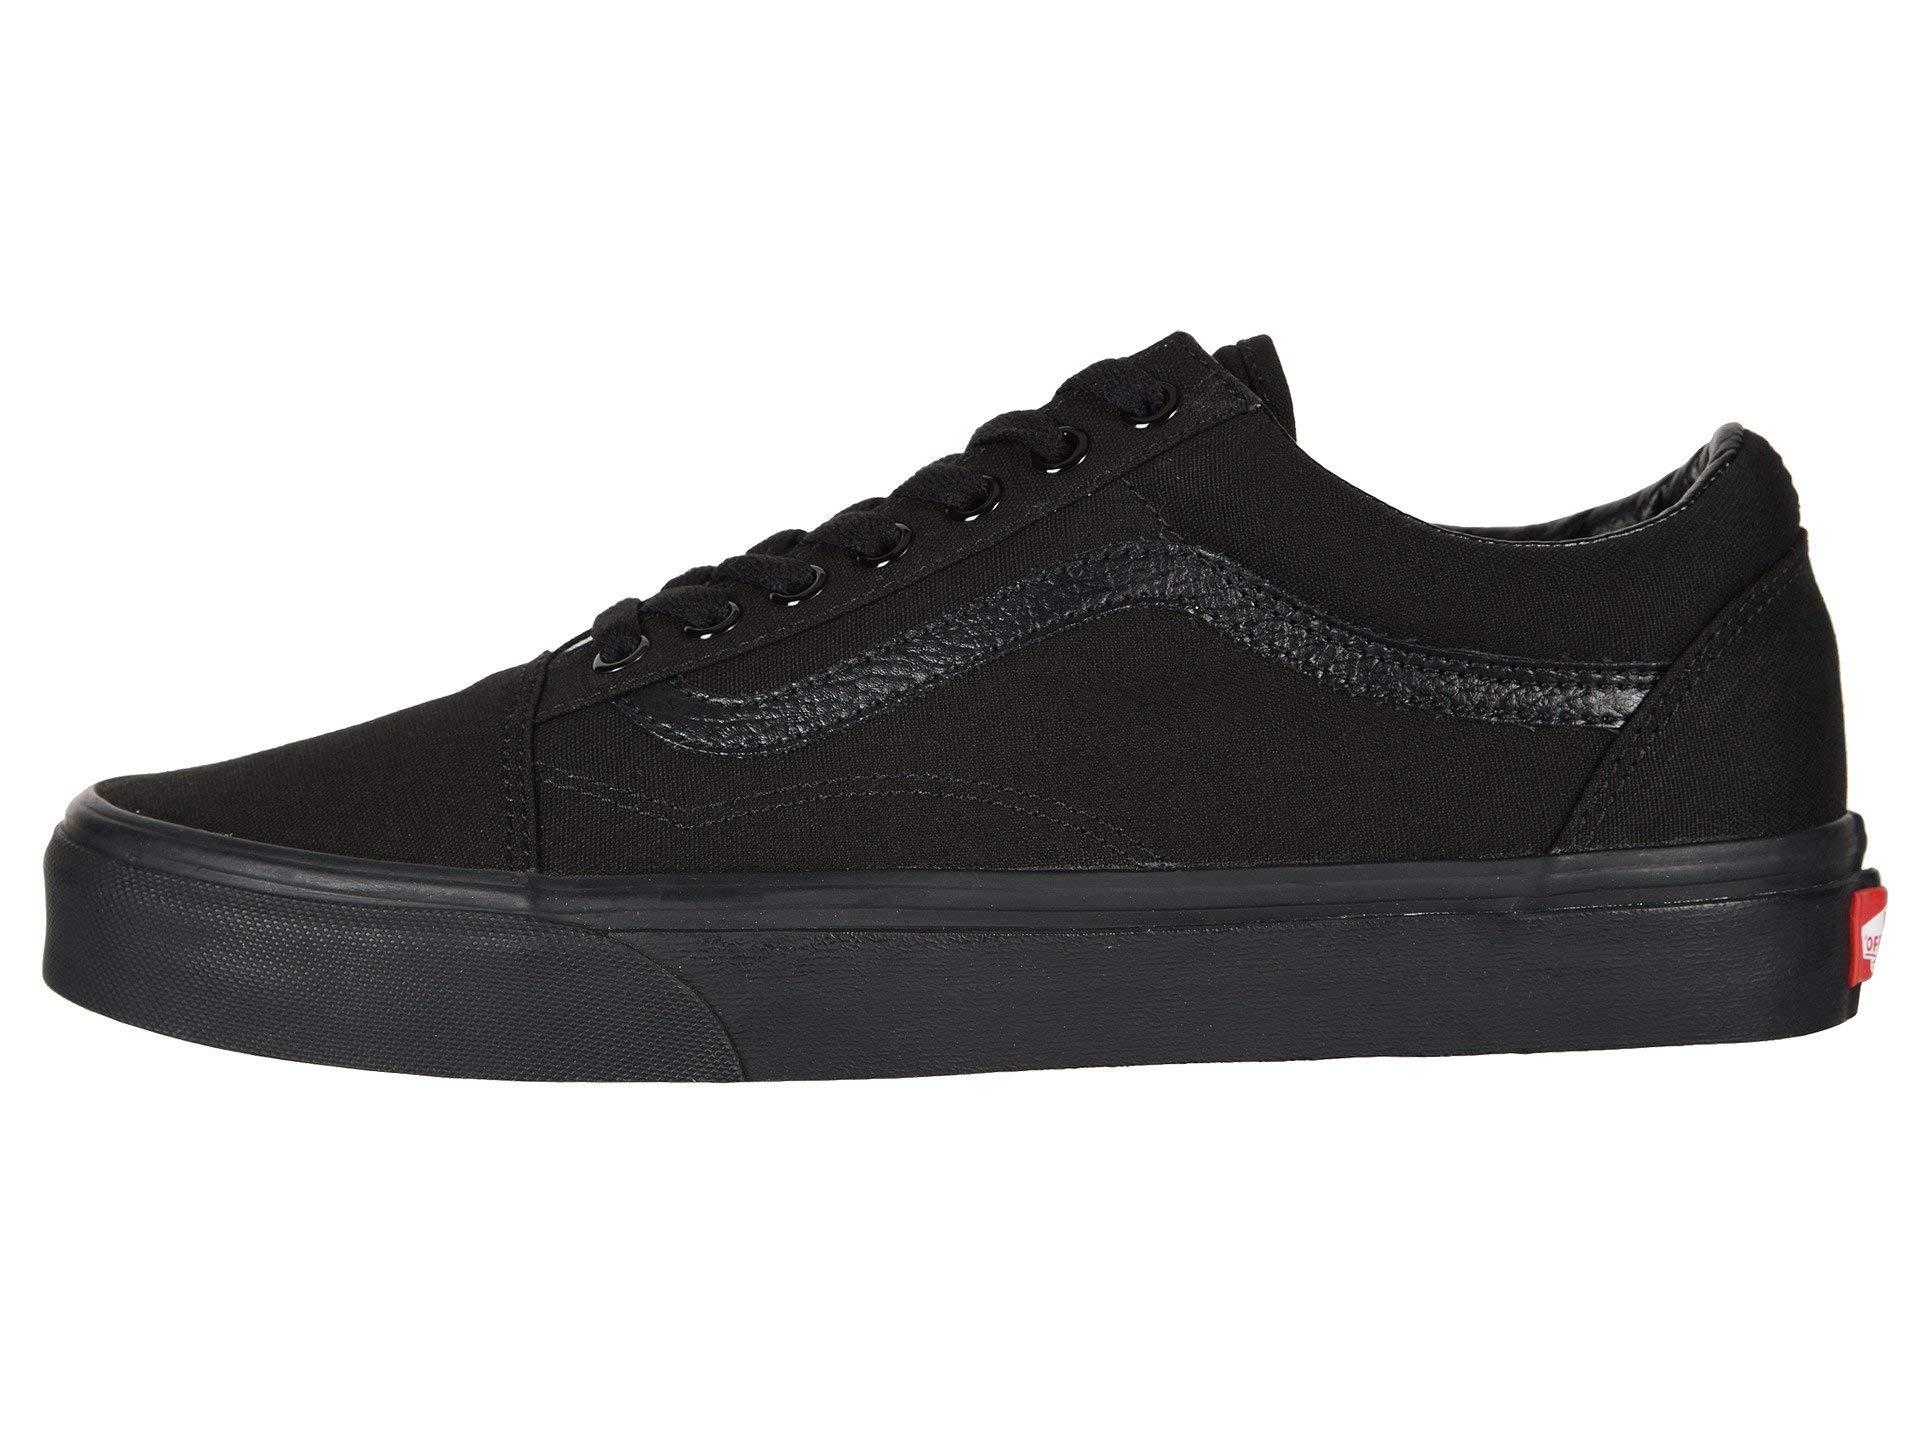 Vans Old Skool Black/Black Size 6 M US Women / 4.5 M US Men by Vans (Image #4)